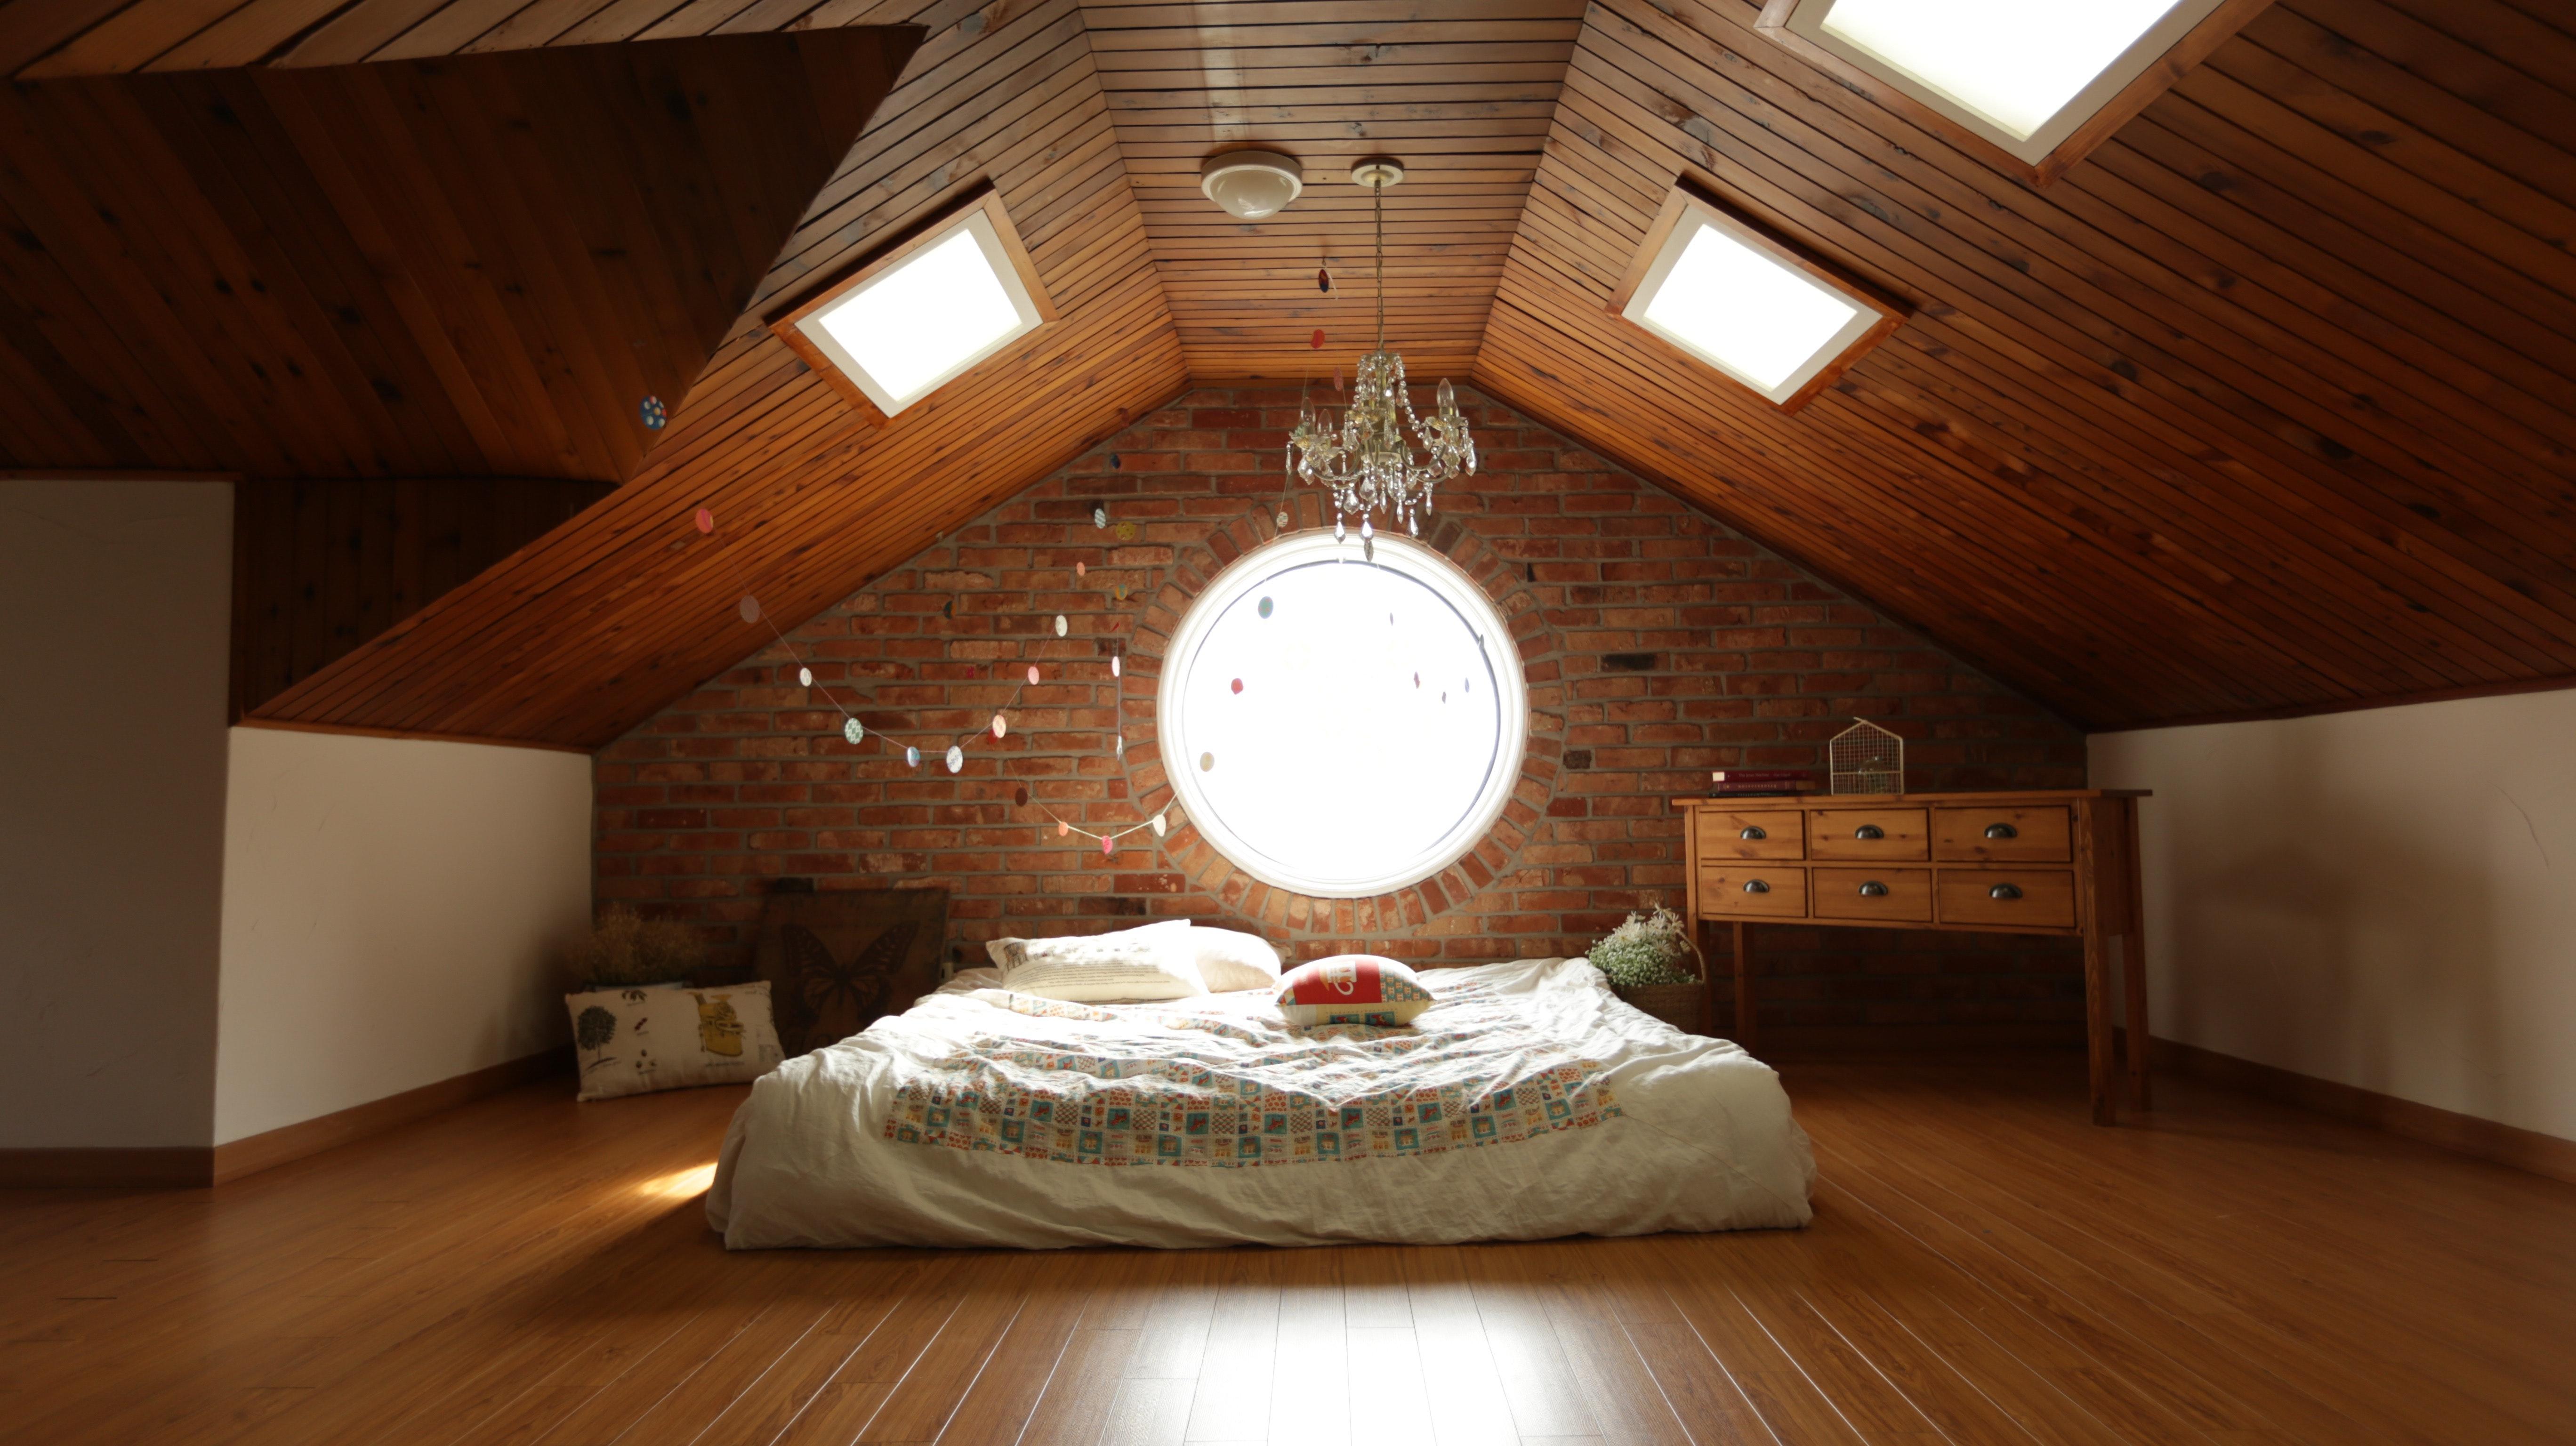 Je slaapkamer inrichten: waar moet je op letten? | Furnlovers.nl